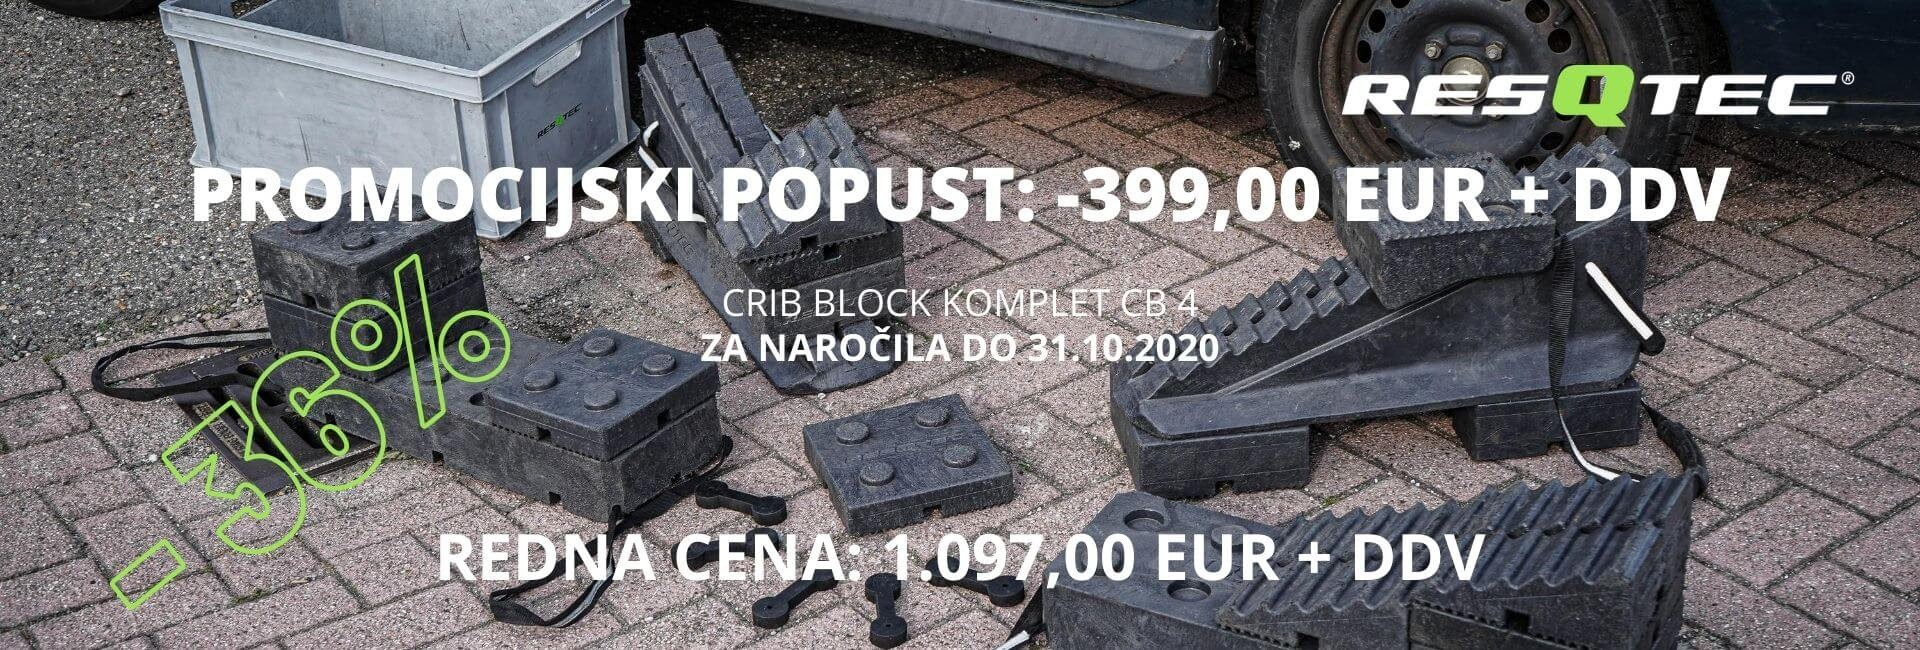 Promocijski popust CRIB BLOCK SET CB 4